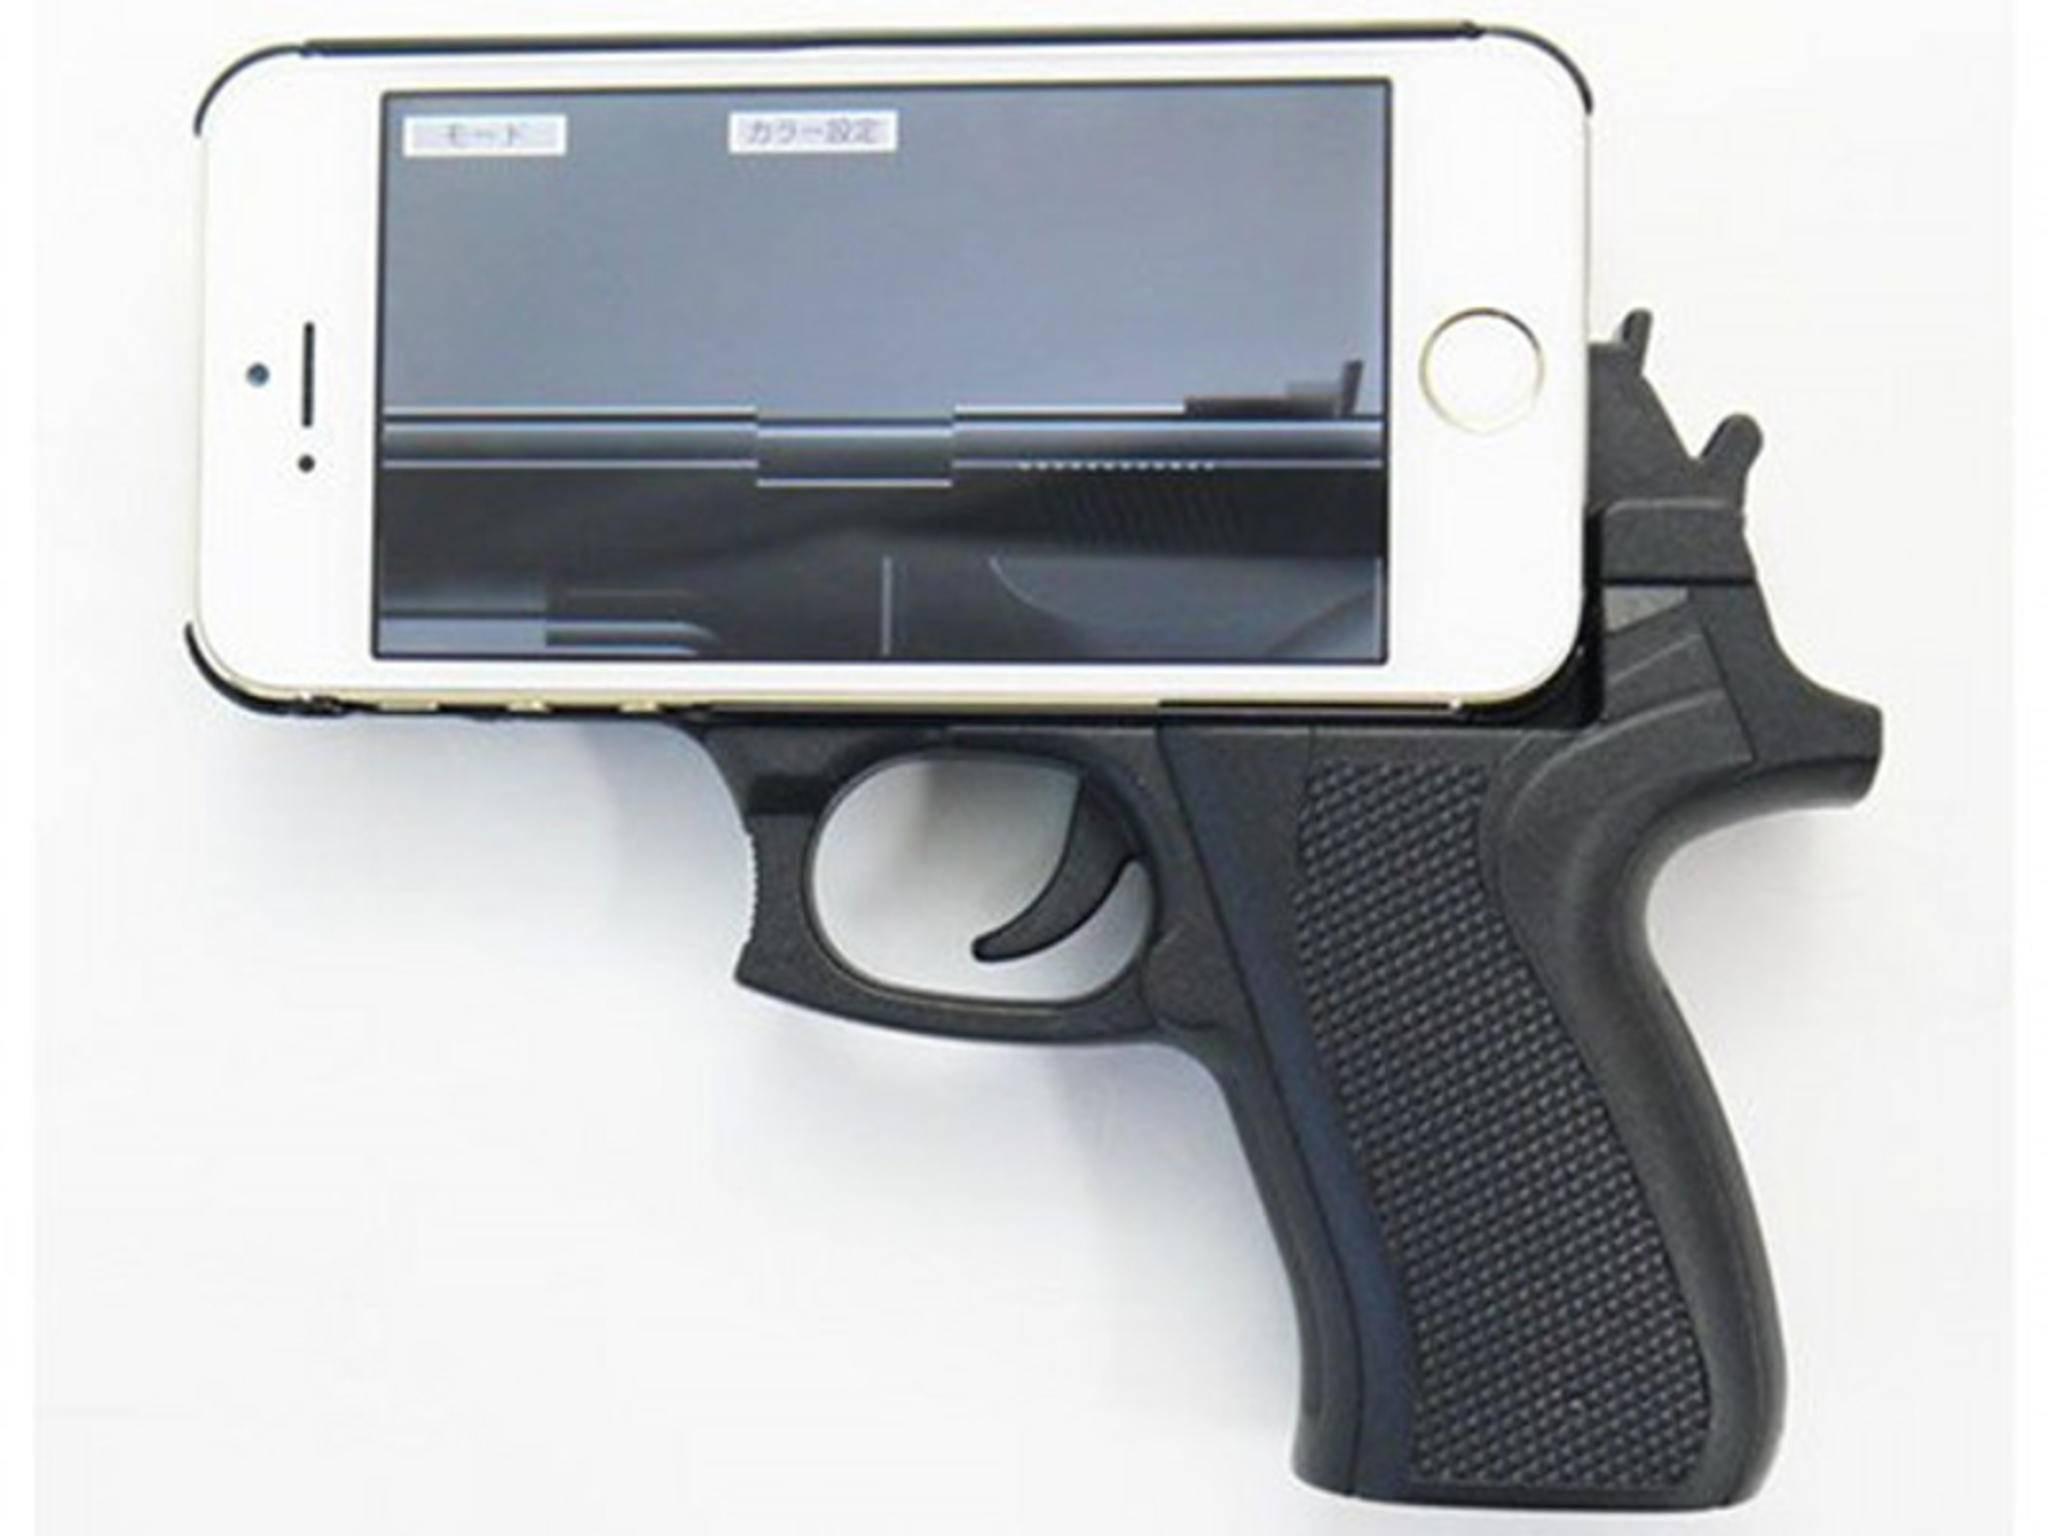 Gehören nicht zusammen: iPhones und Schusswaffen.